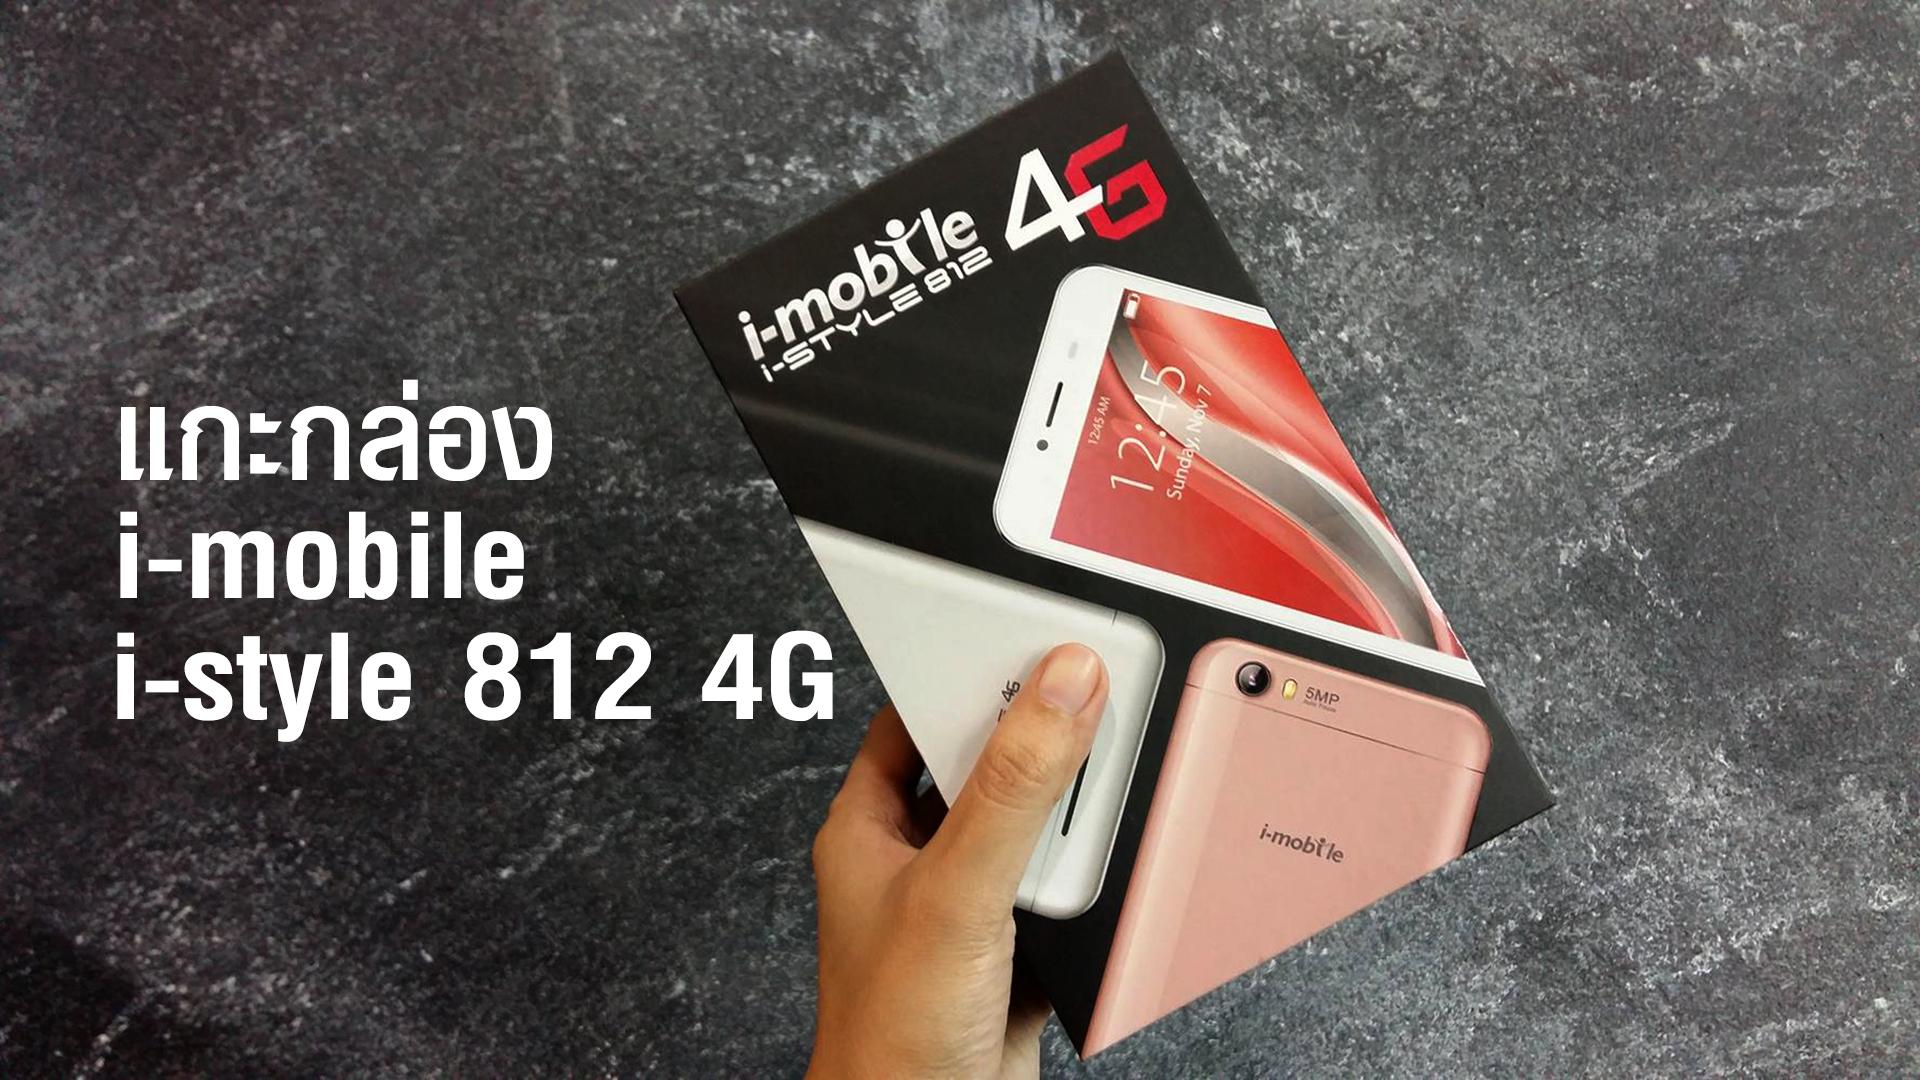 i-style 812 4G